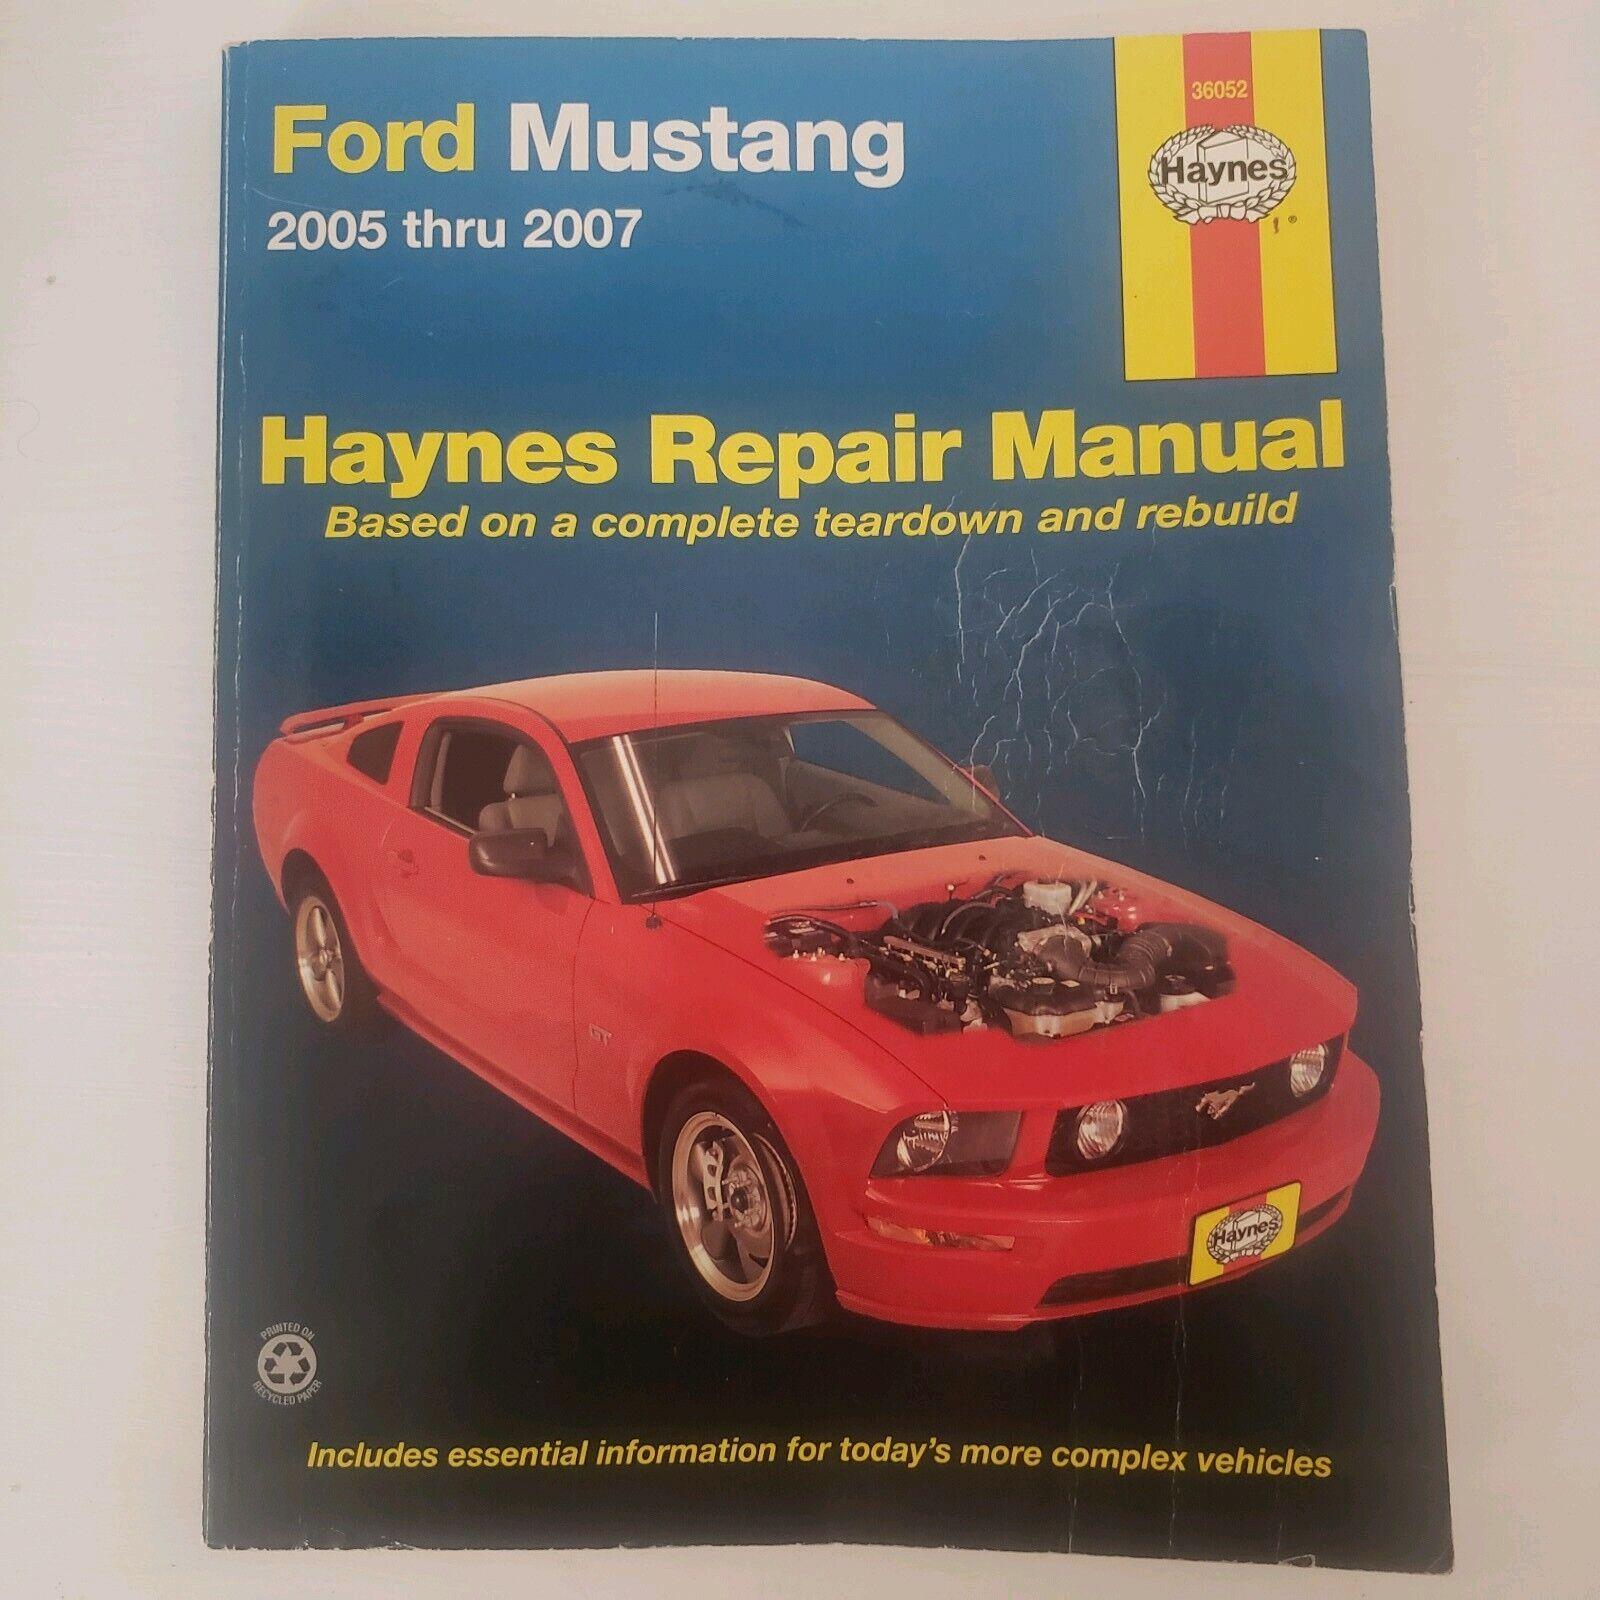 Auto Parts and Vehicles Car & Truck Service & Repair Manuals ...